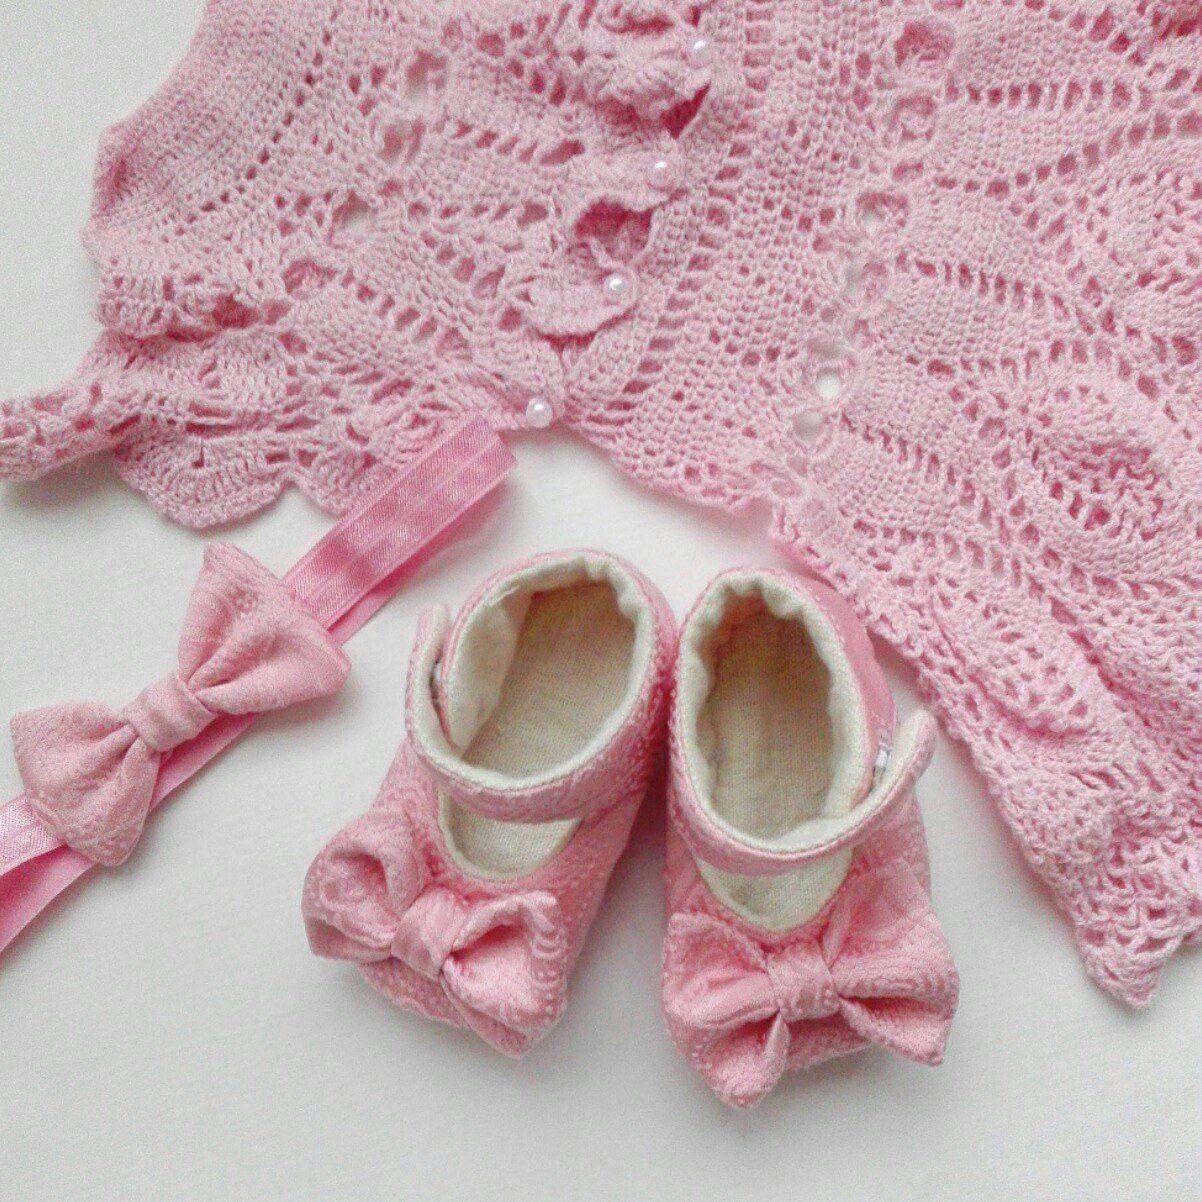 туфельки обувь платье ребенок пинетки повязканаголову дети